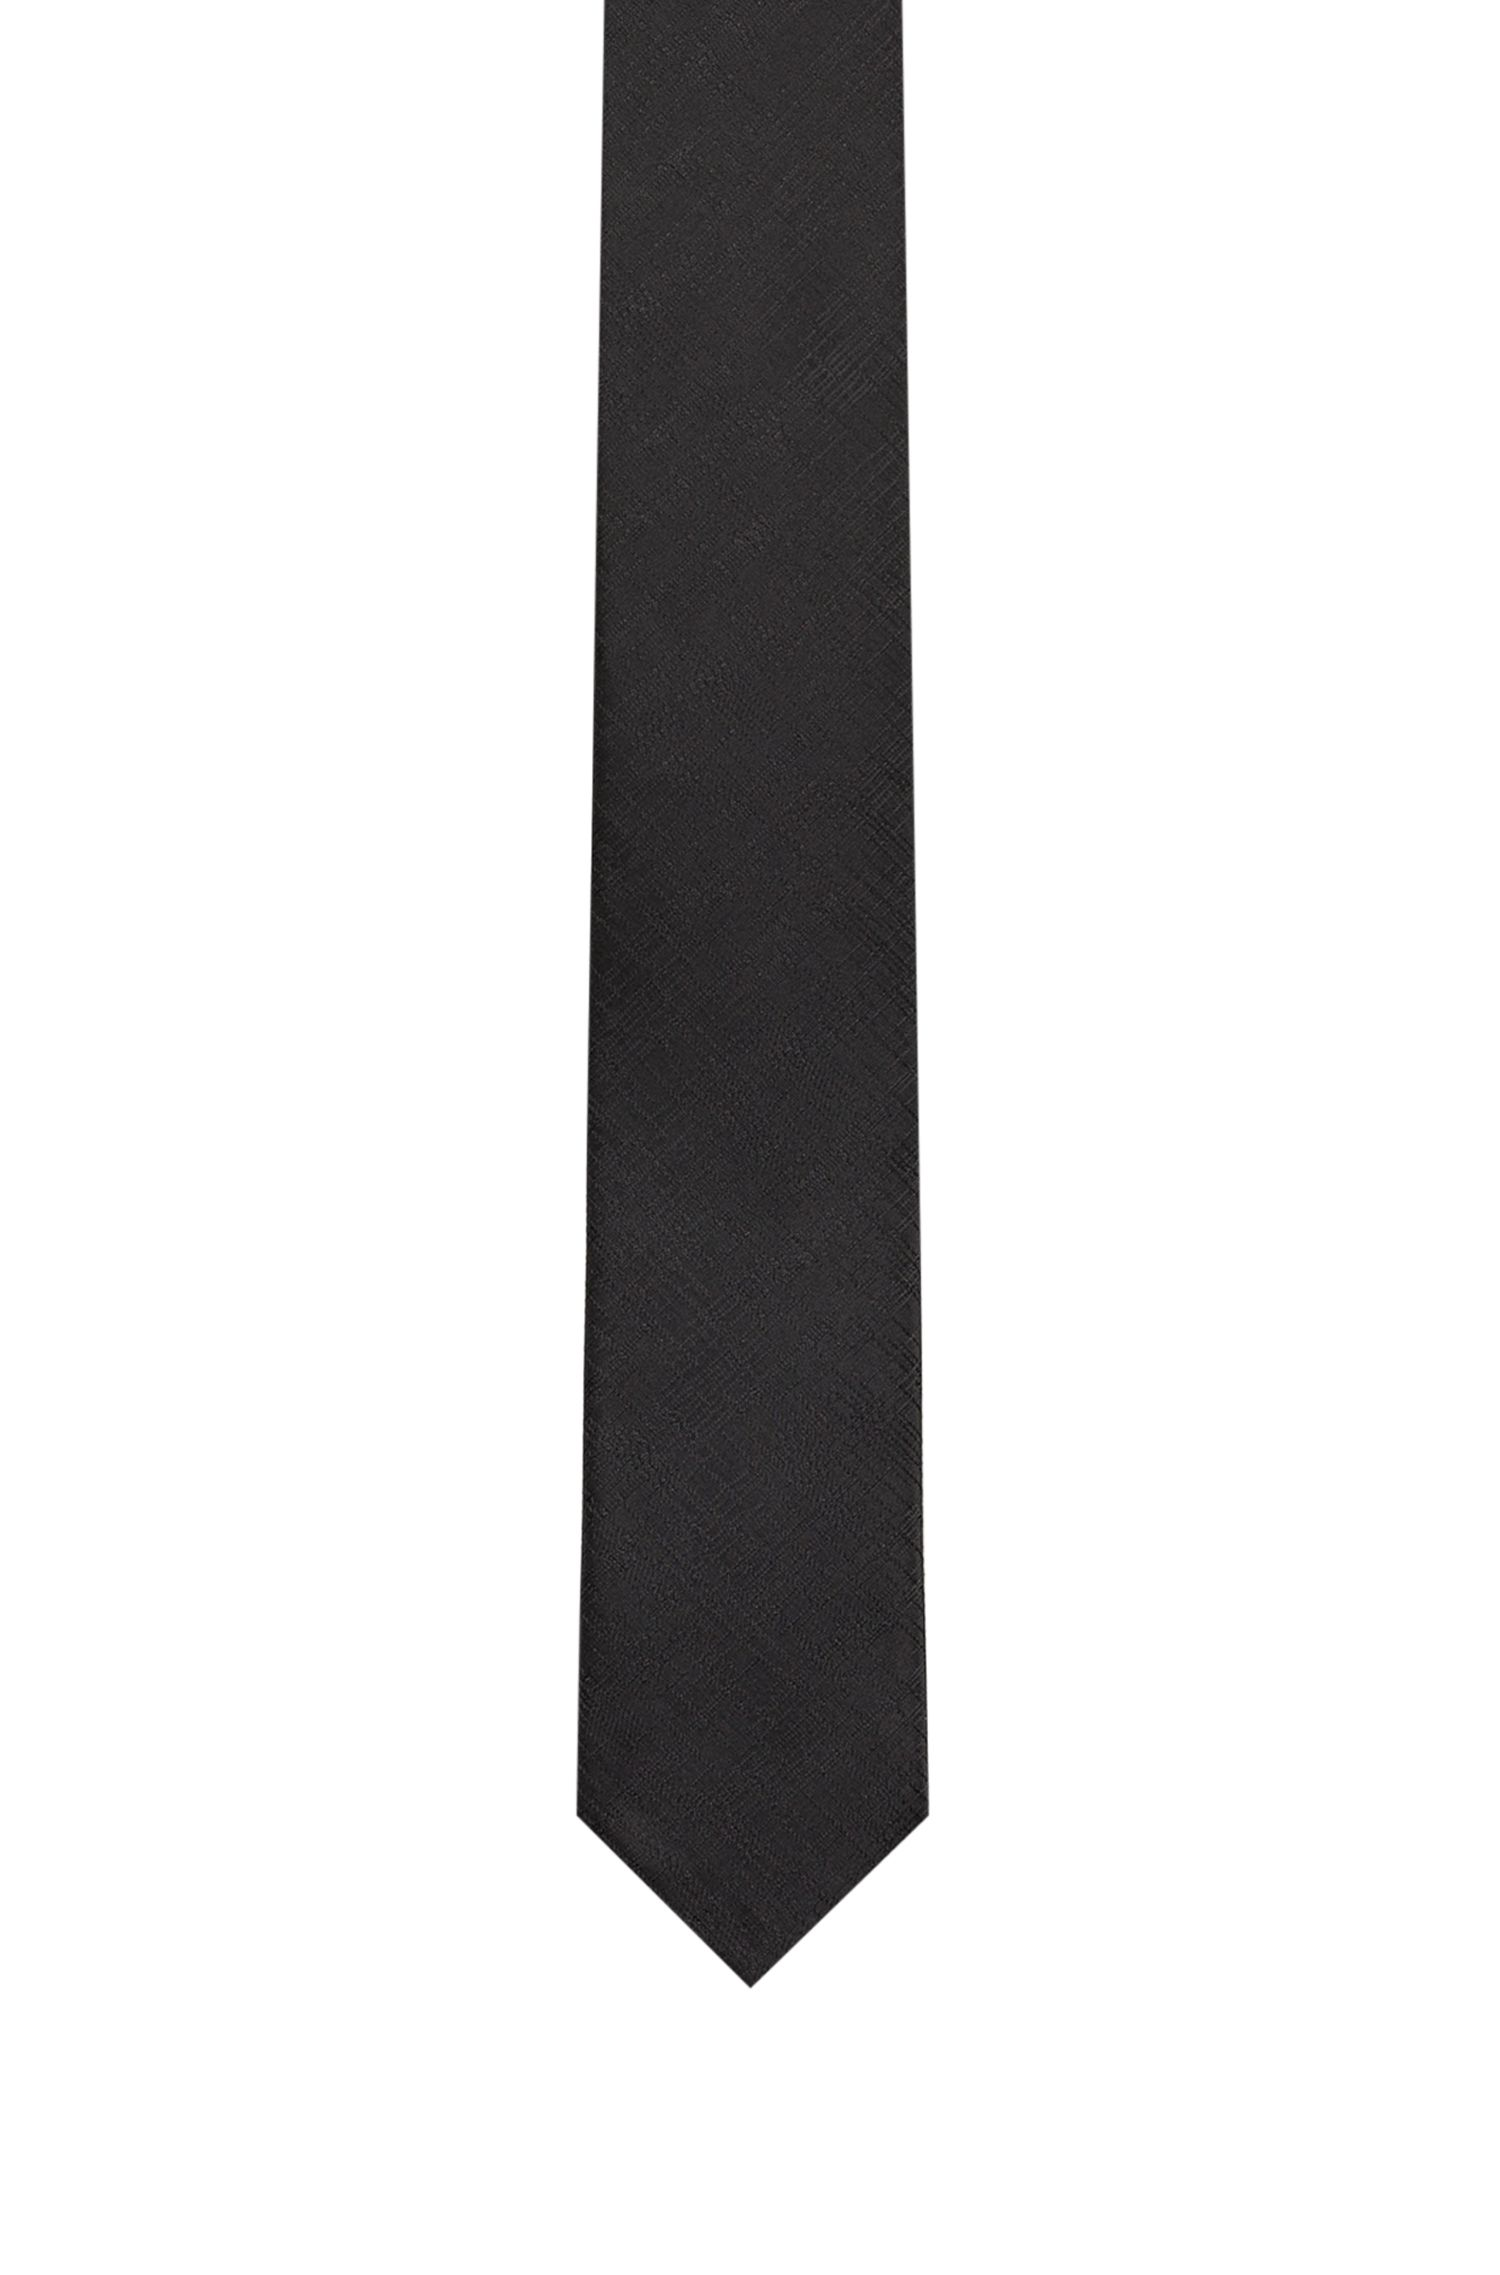 Cravate en jacquard technique, à motif code QR, Noir